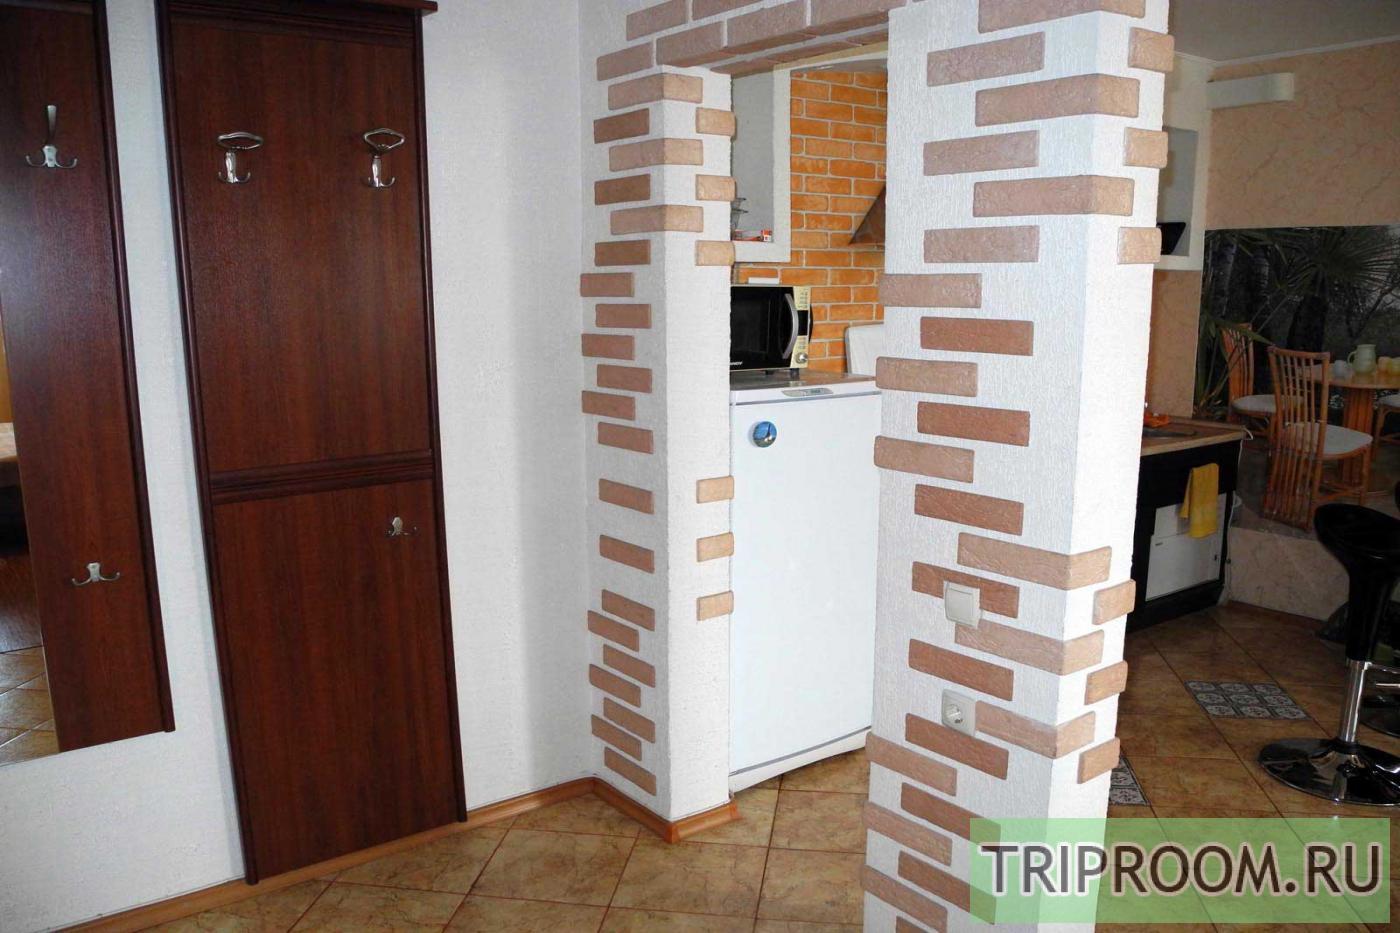 3-комнатная квартира посуточно (вариант № 9669), ул. Кольцовская улица, фото № 14